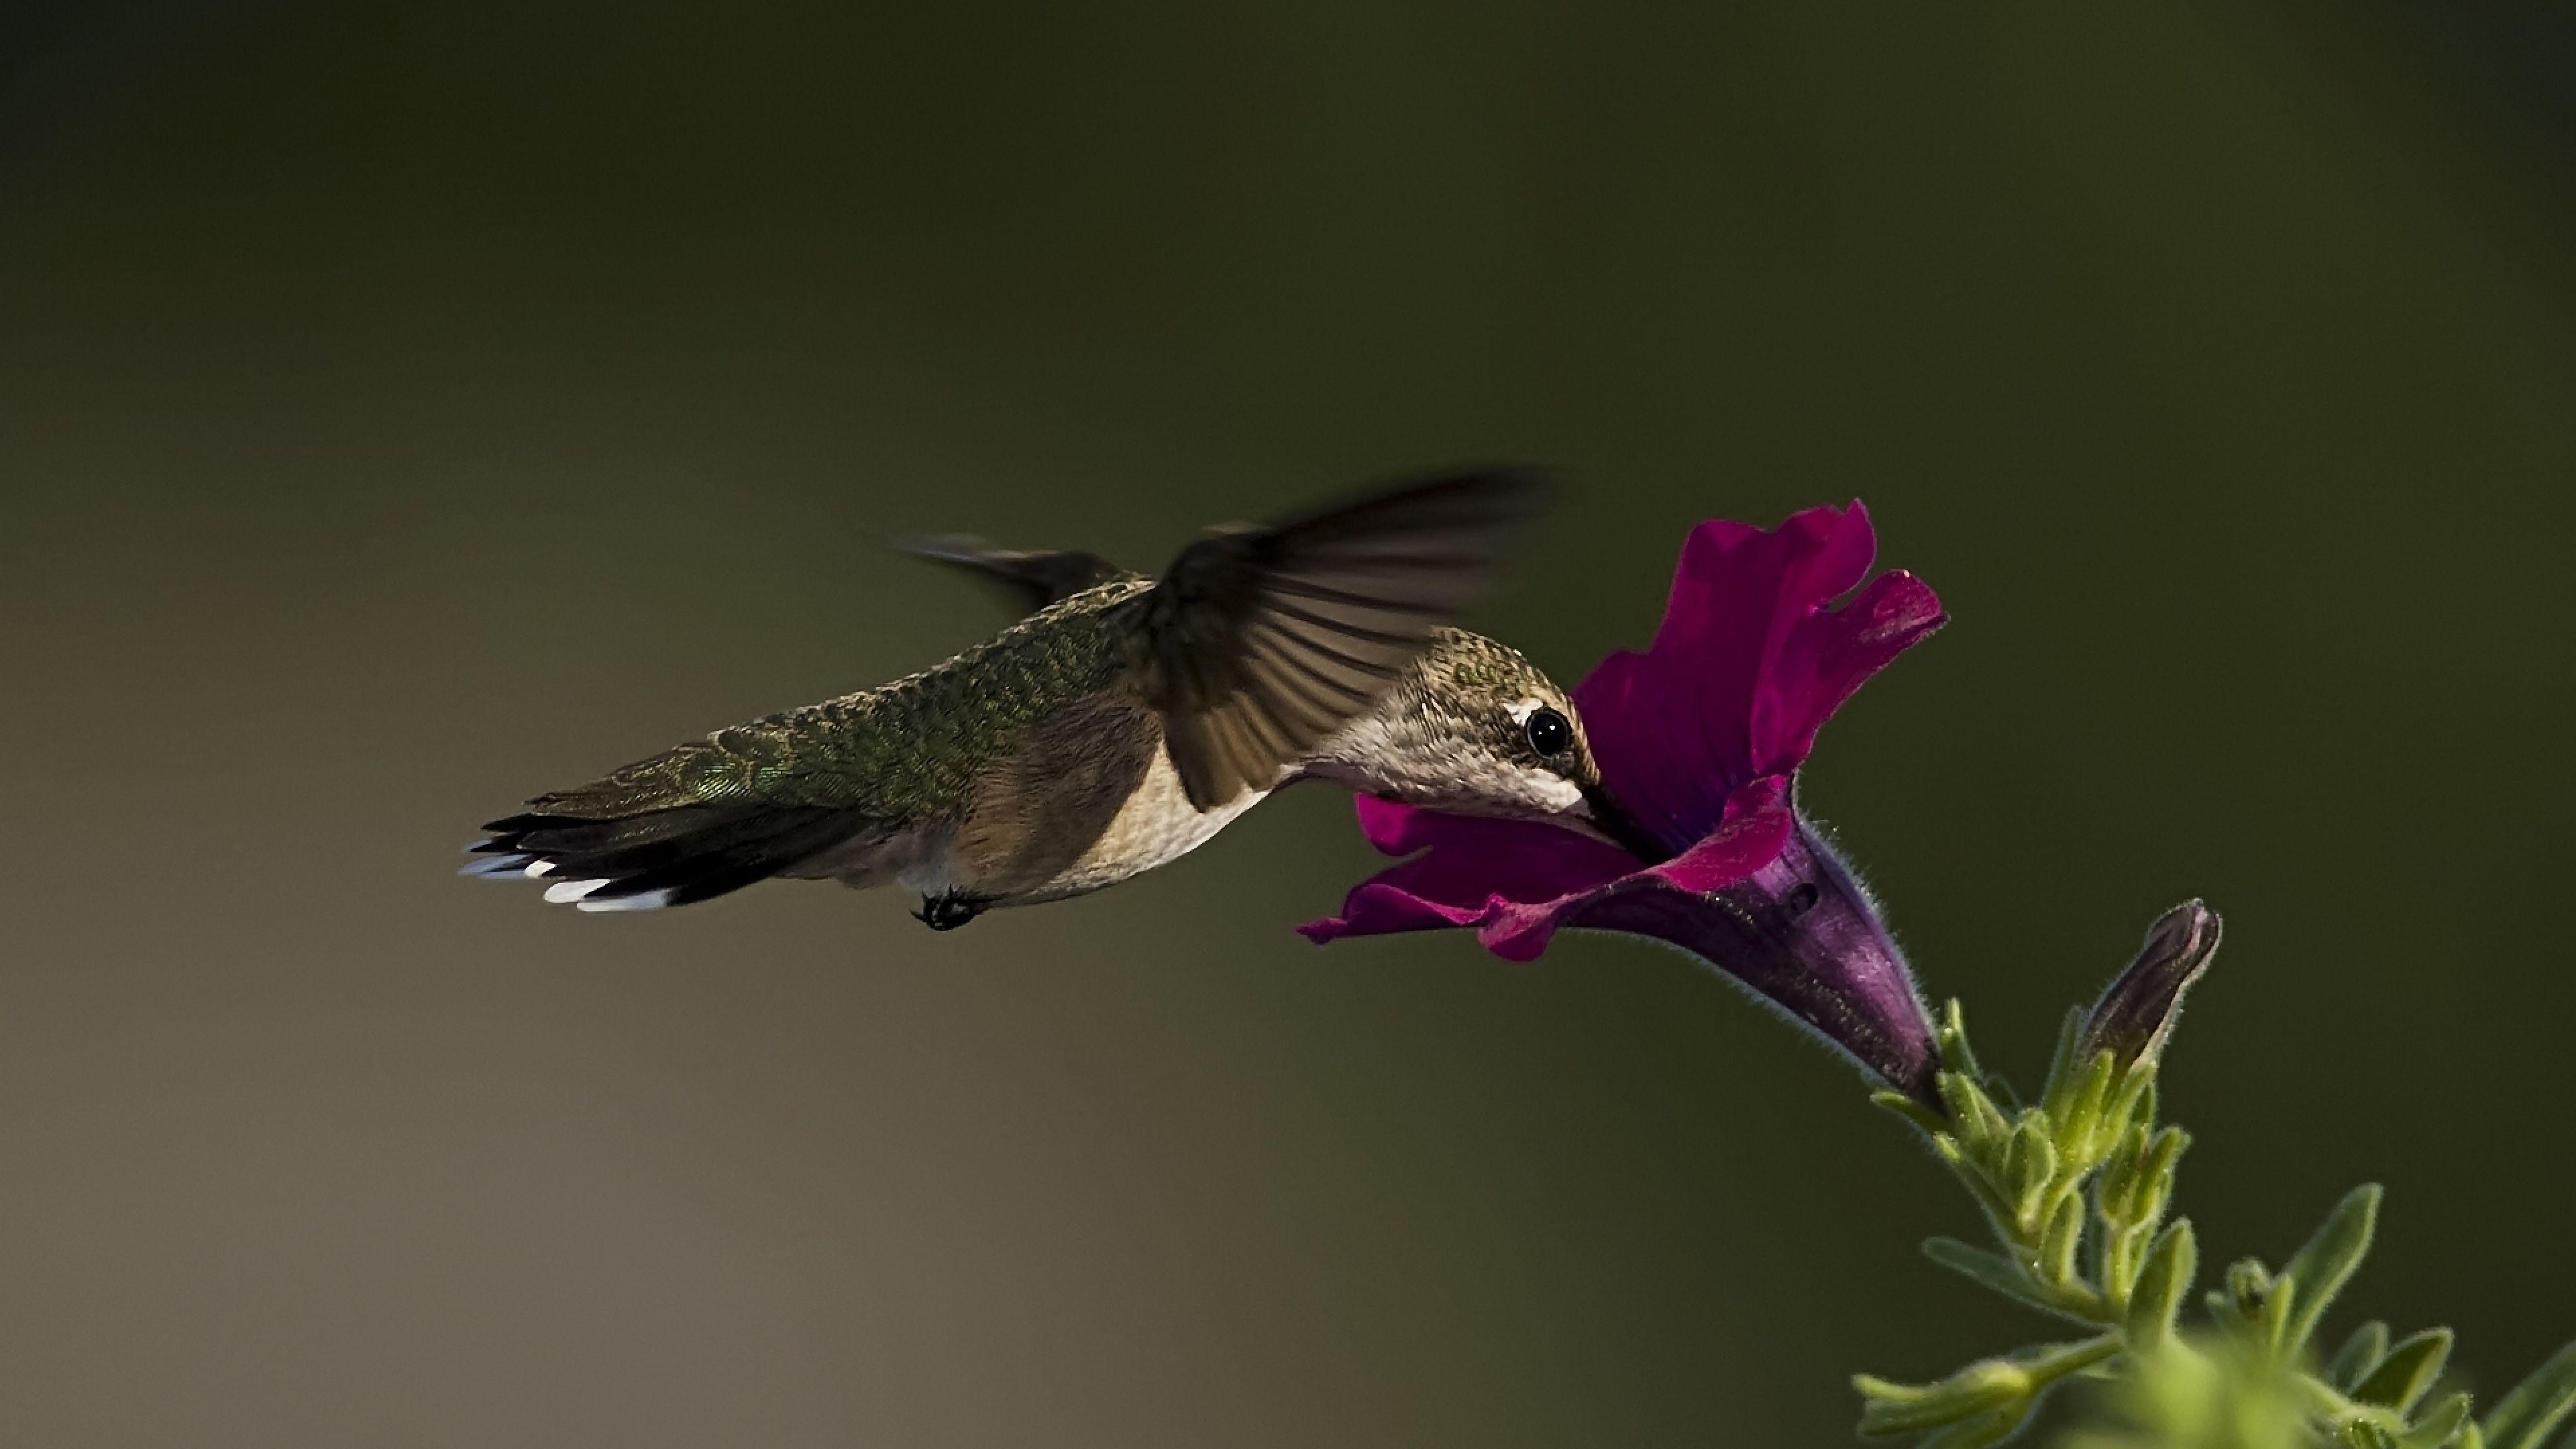 ultra hd wallpaper, flower 4k |  bird, hummingbird, flower